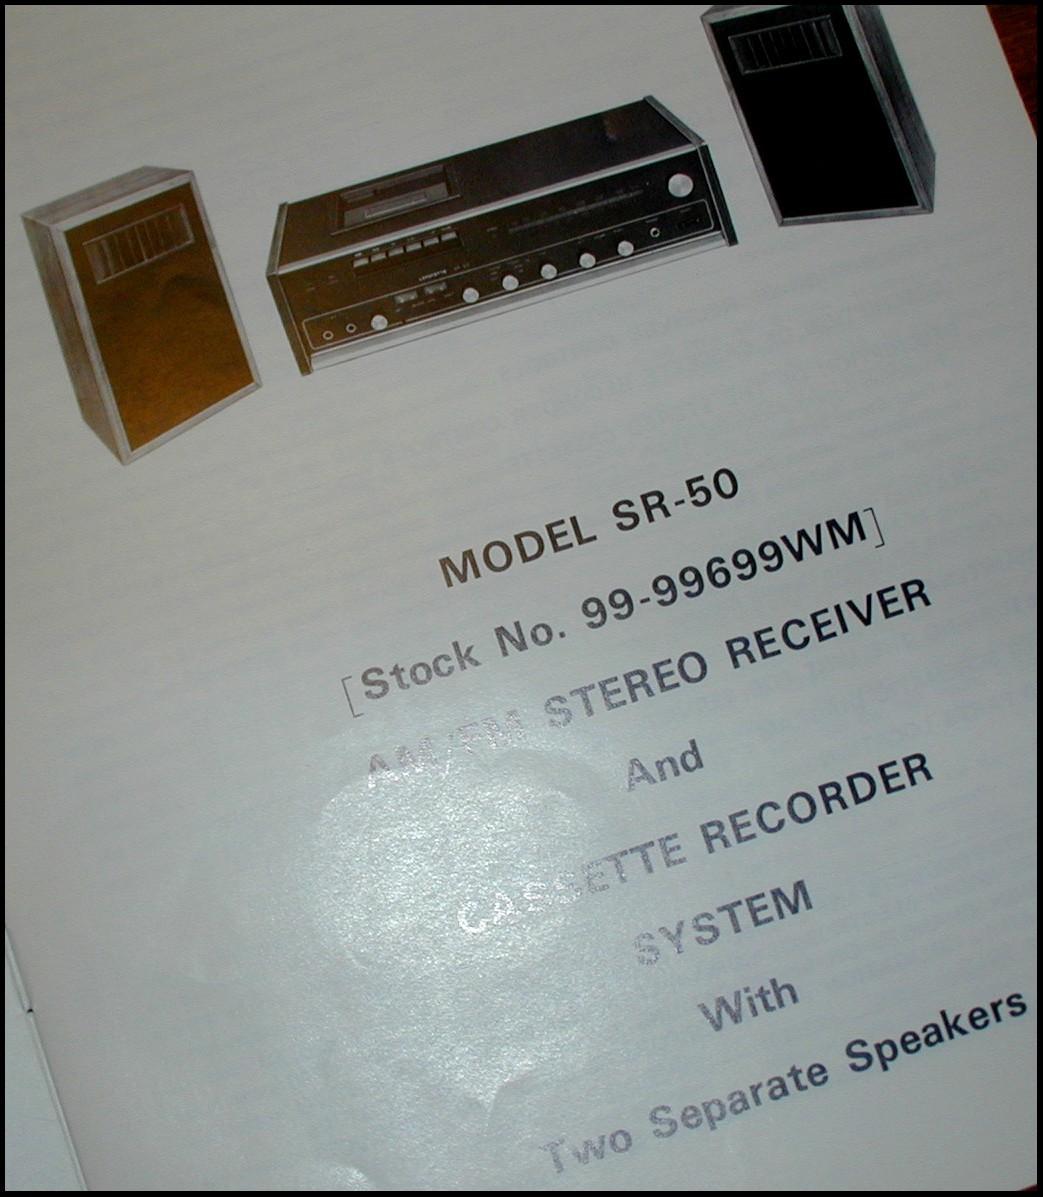 Lafayette SR-50 AM/FM Stereo RECEIVER Cassette Recorder Service Manual SCHEMATIC